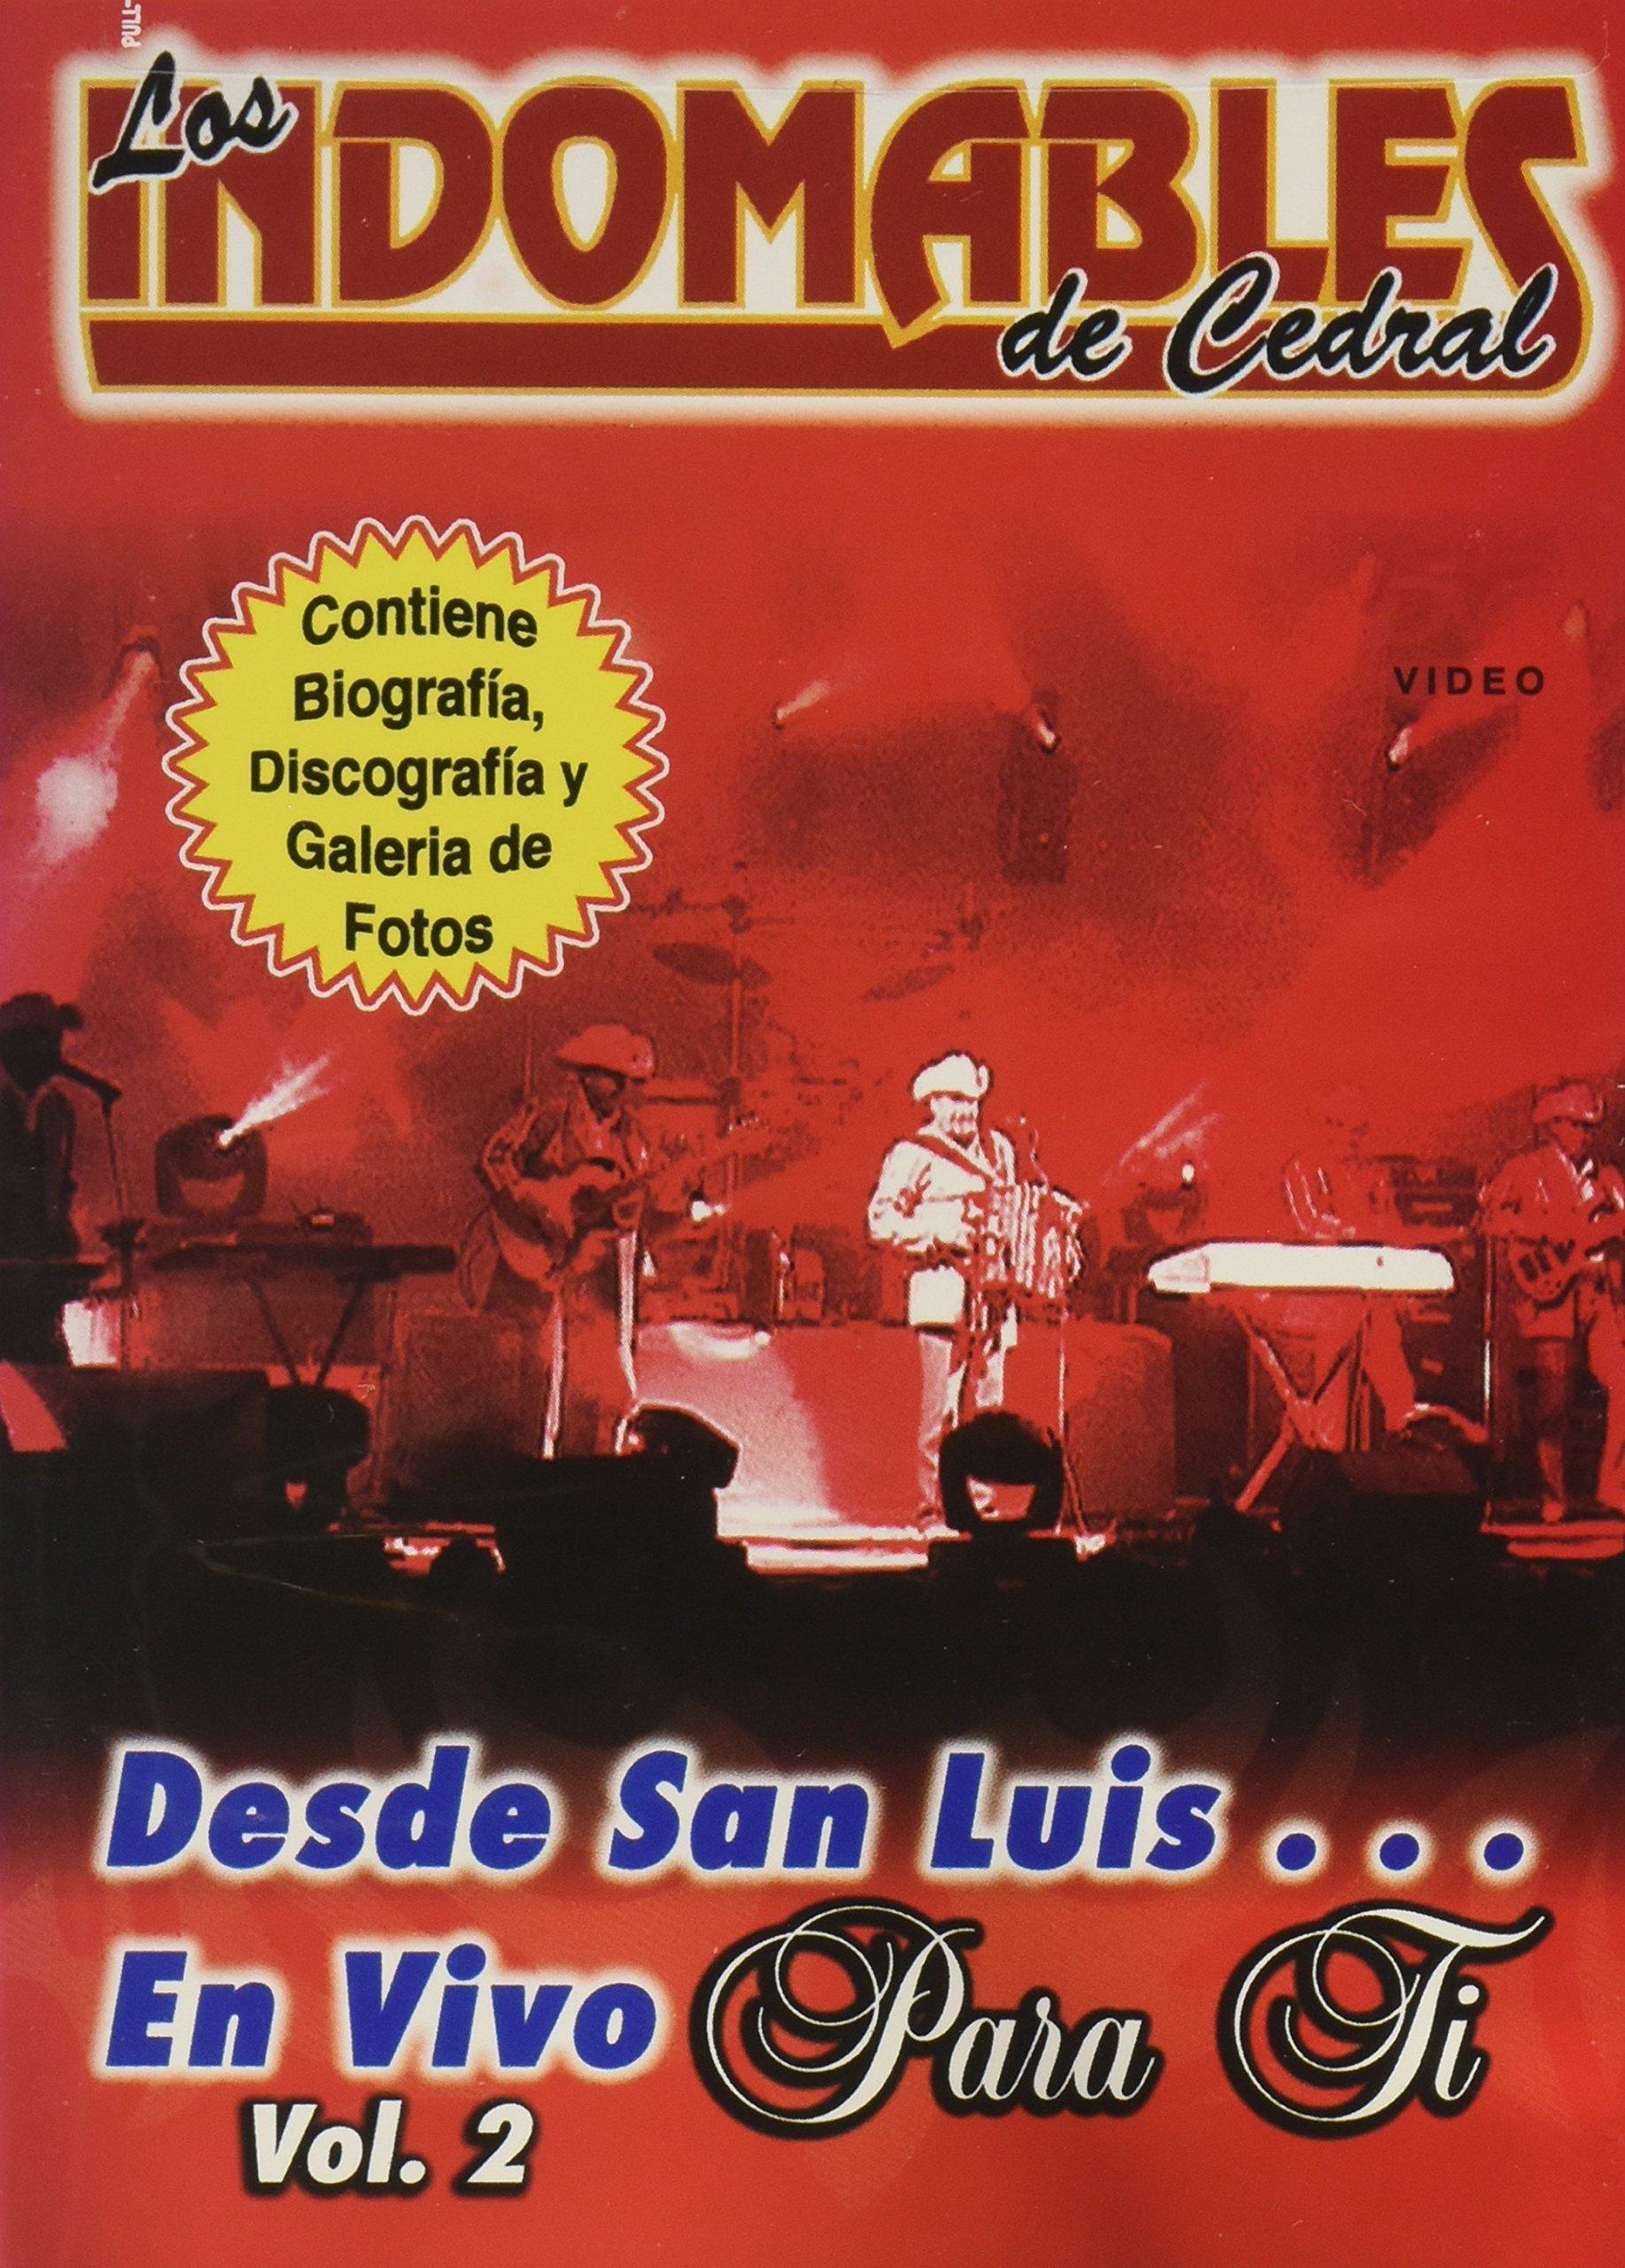 DVD : Los Indomables de Cedral - Desde San Luis En Vivo: Volume 2 (DVD)